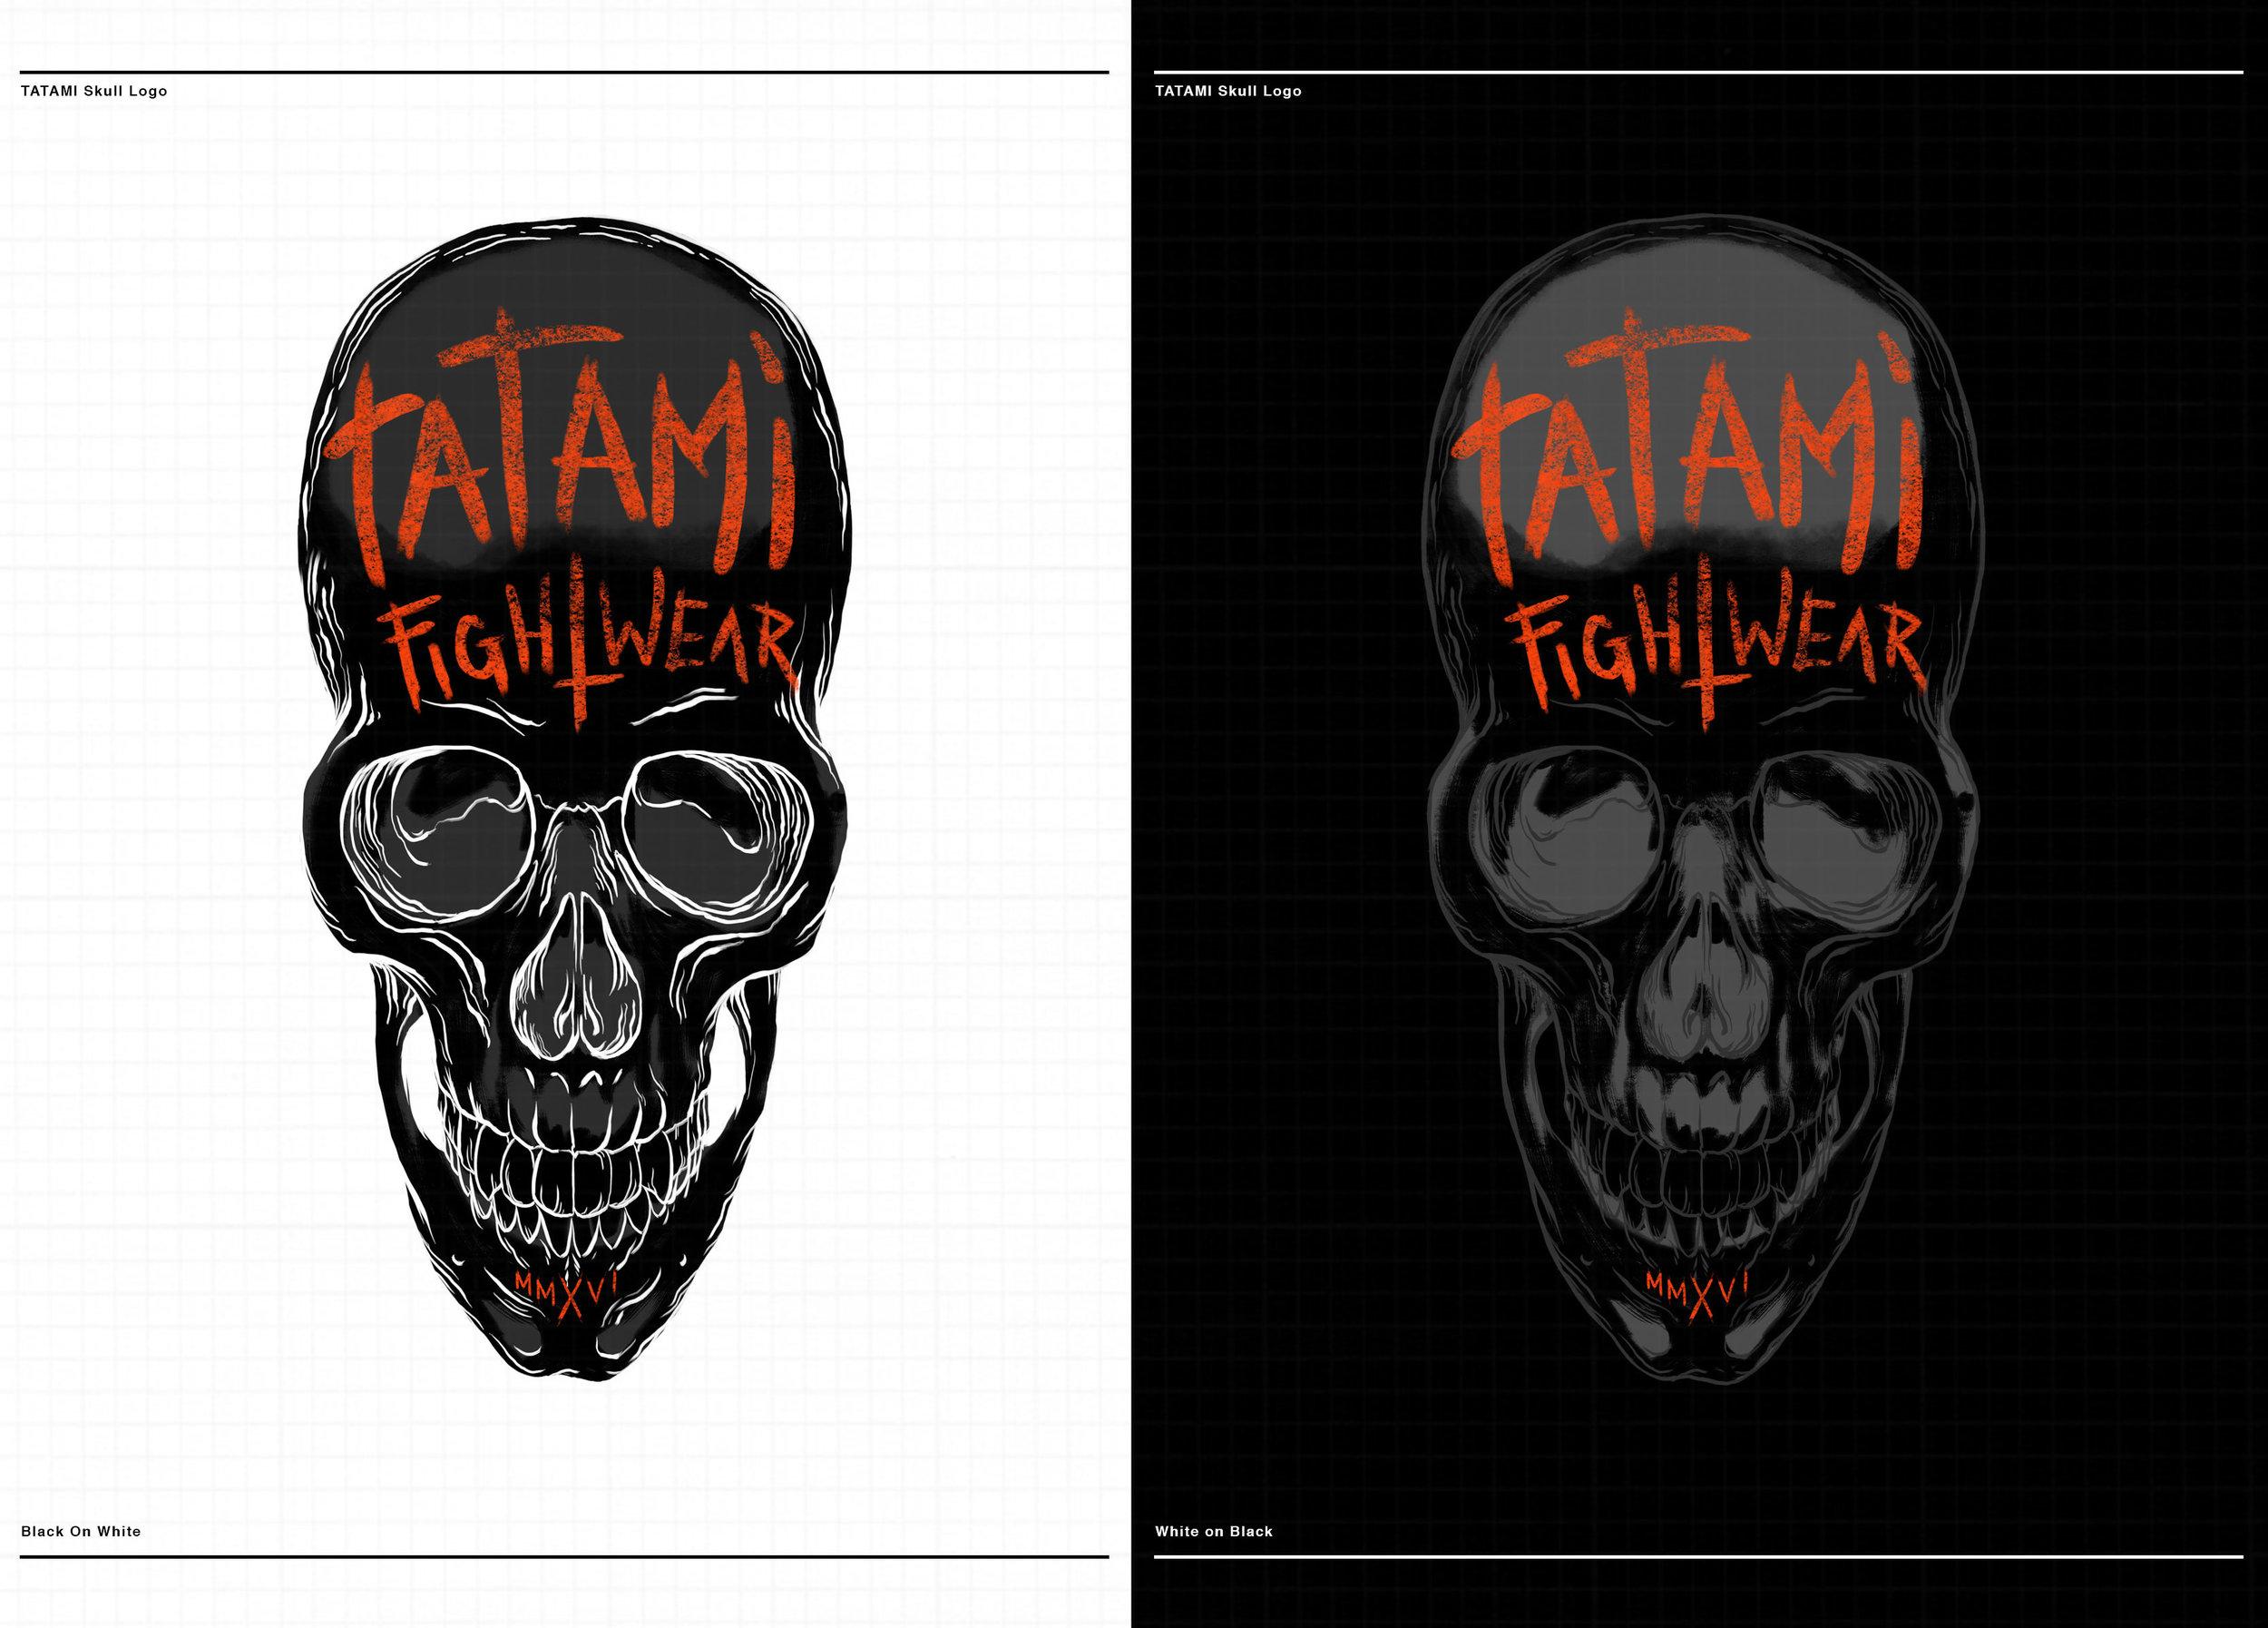 Tatami_Skull_Logo_01.jpg